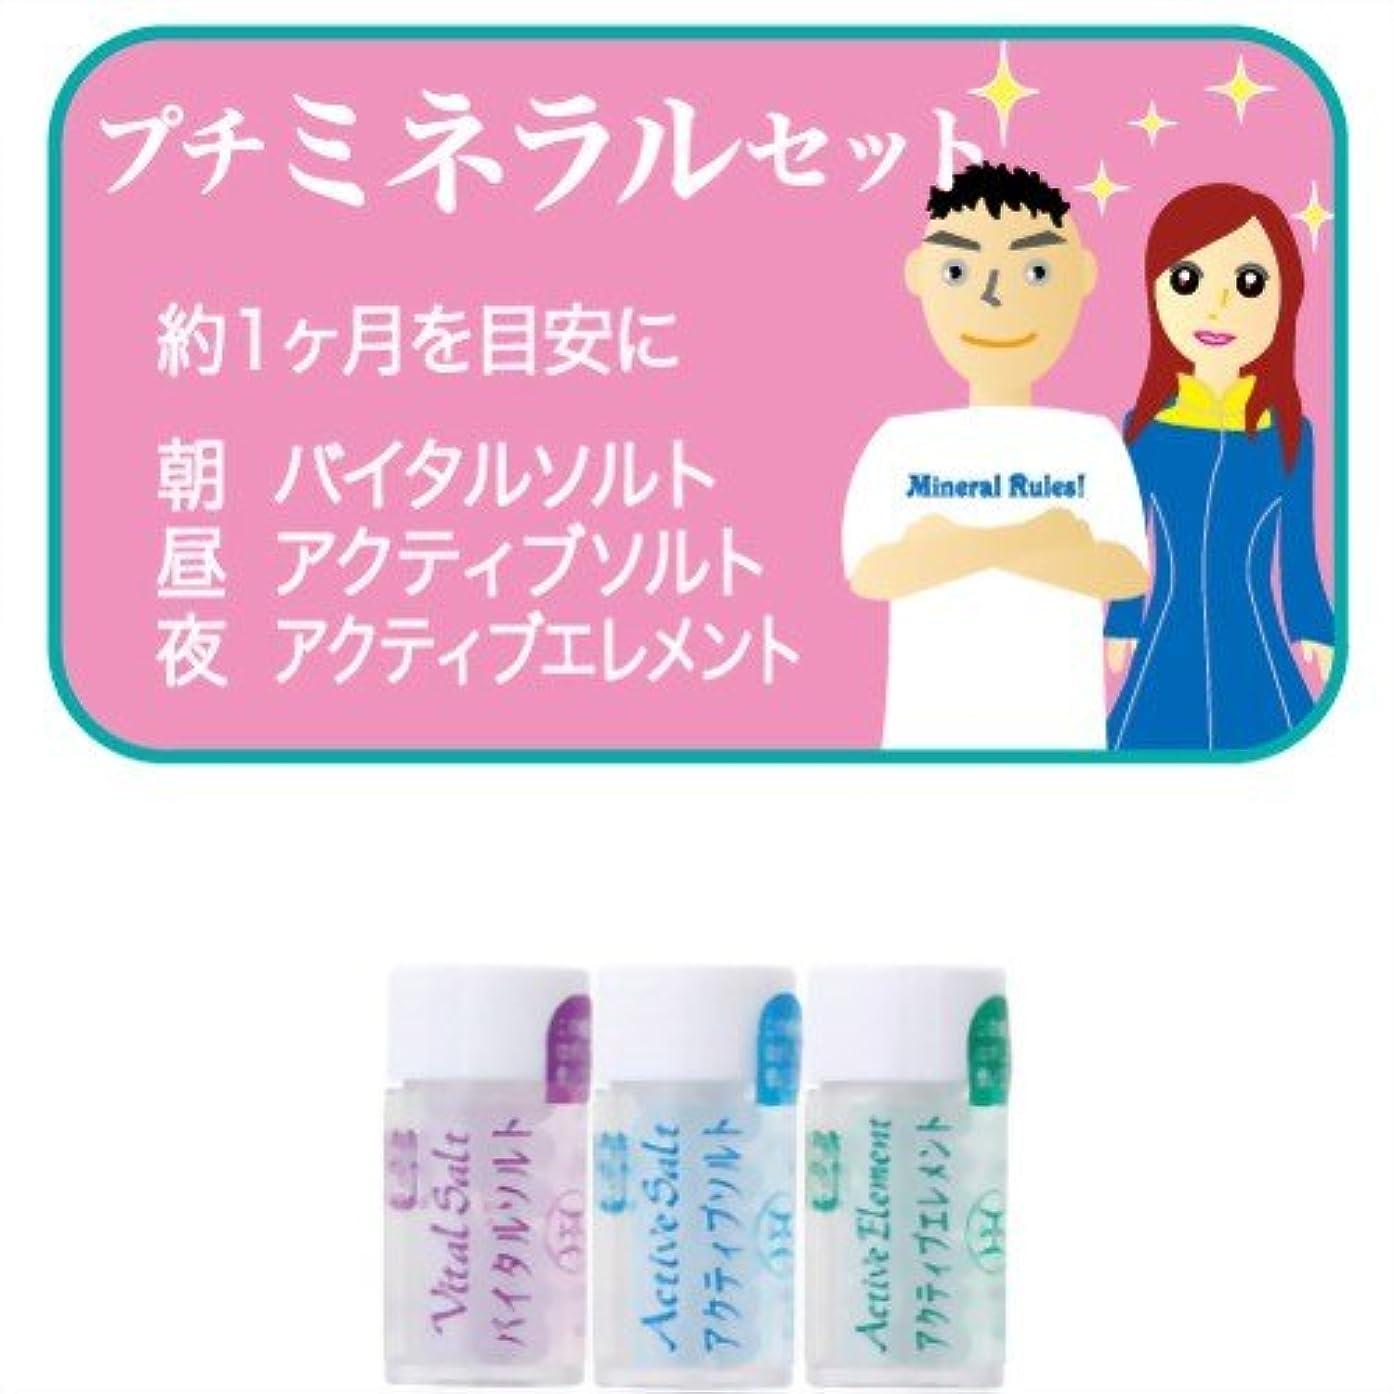 宿る病気人質ホメオパシージャパンレメディー プチミネラルセット